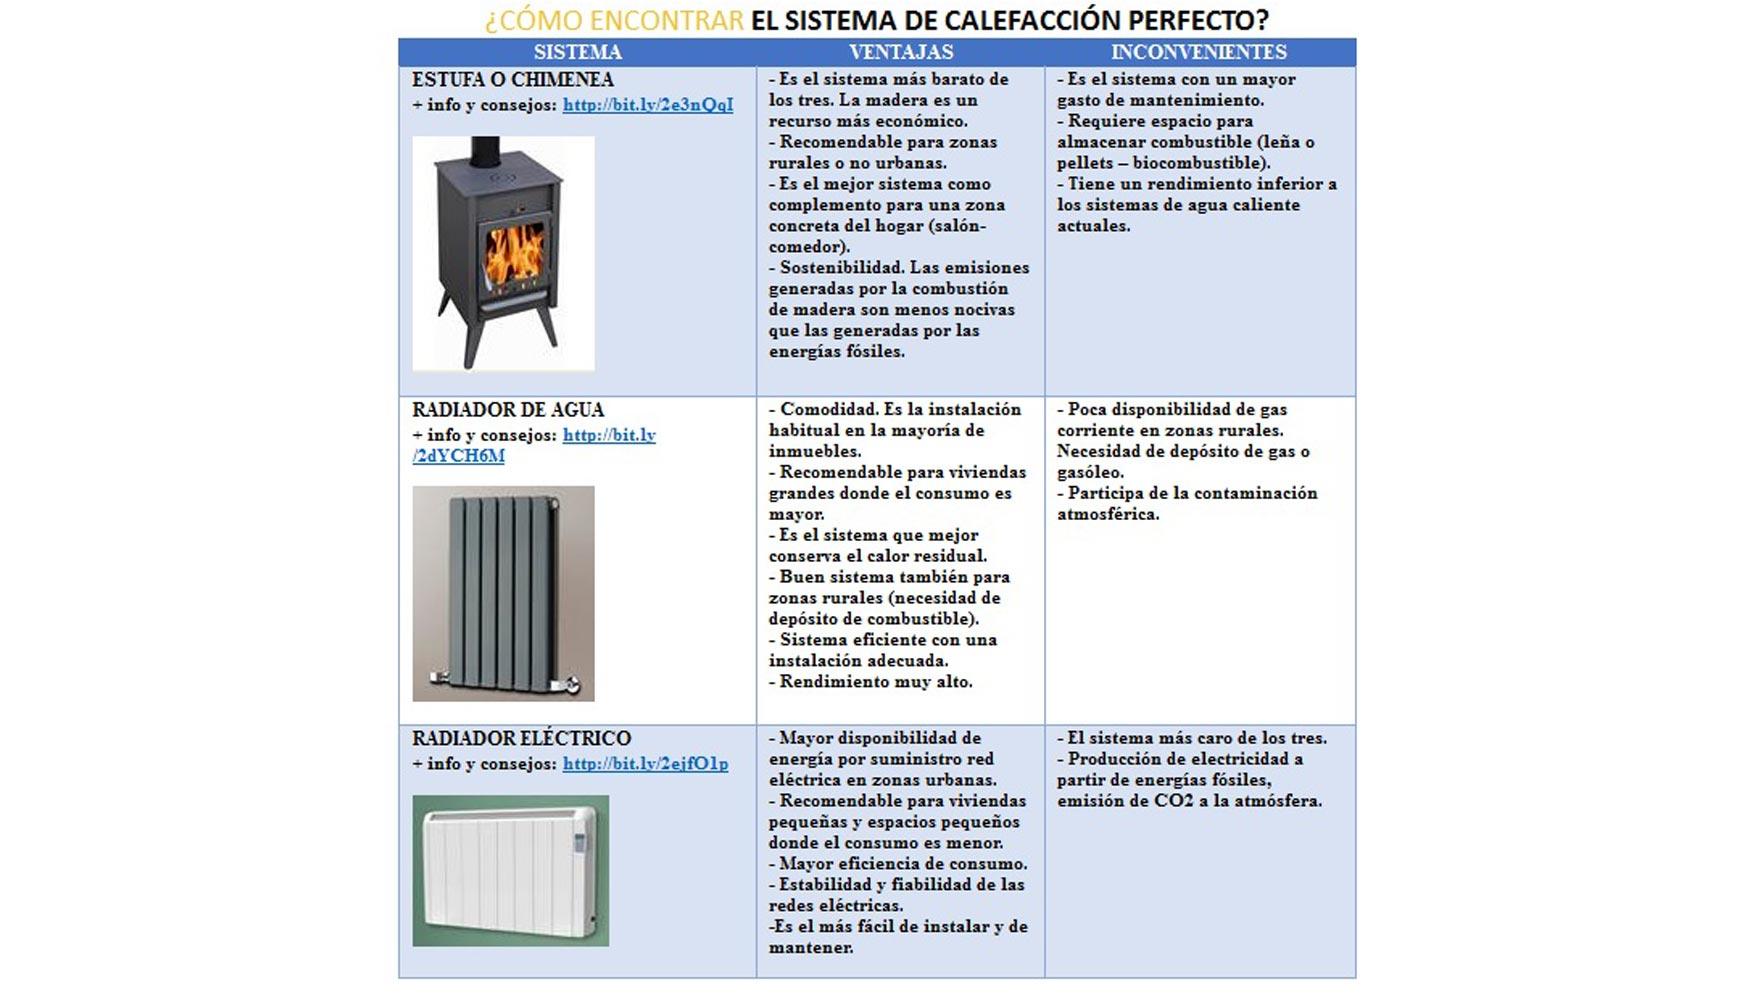 Calefaccion gas o electrica free calentador bateria gas - Calefaccion electrica o de gas ...